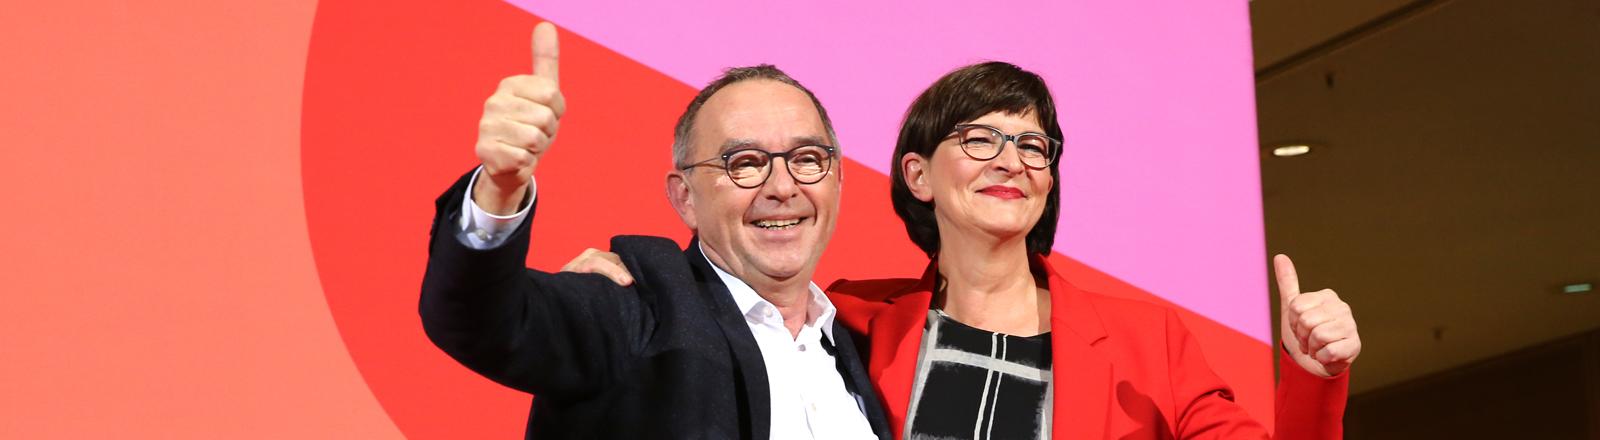 Norbert Walter-Borjans und Saskia Esken recken nach der Wahl die Daumen in die Luft.